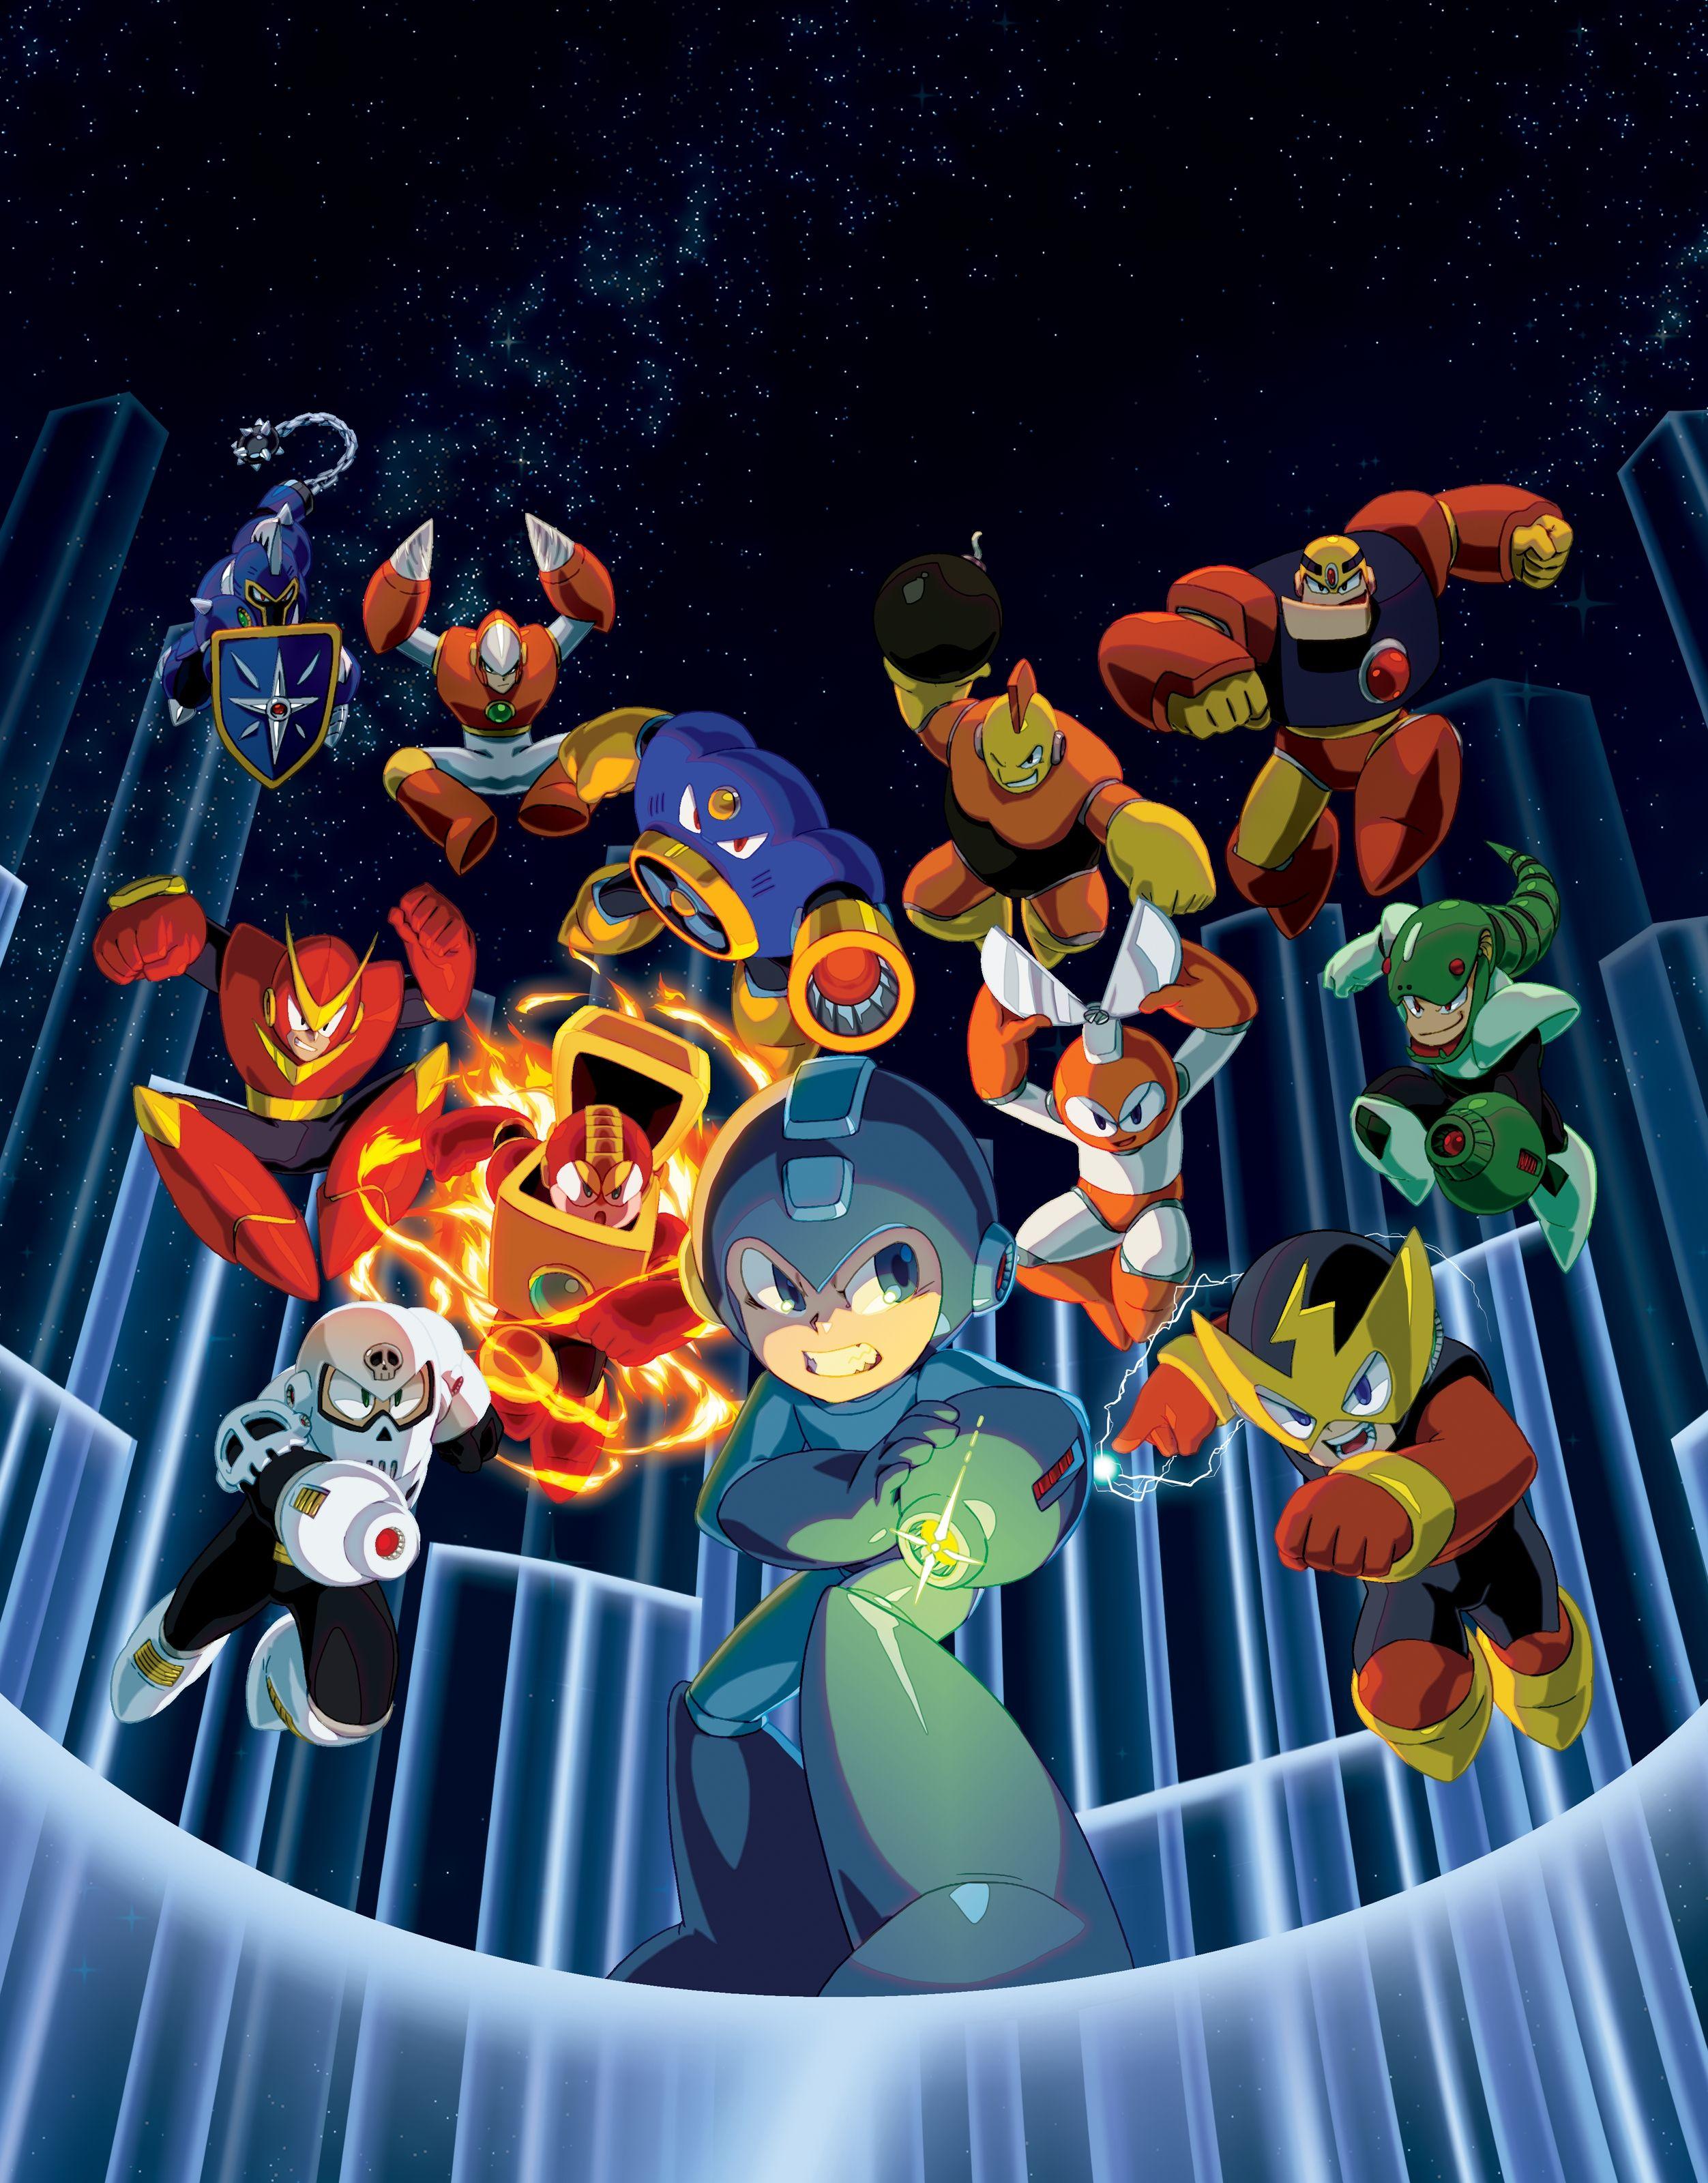 Wii U Brasil Capcom Anuncia Mega Man Legacy Collection E Confirma Sua Line Up Para A E3 2015 Veja O Trailer Mega Man Art Mega Man Mega Man Legacy